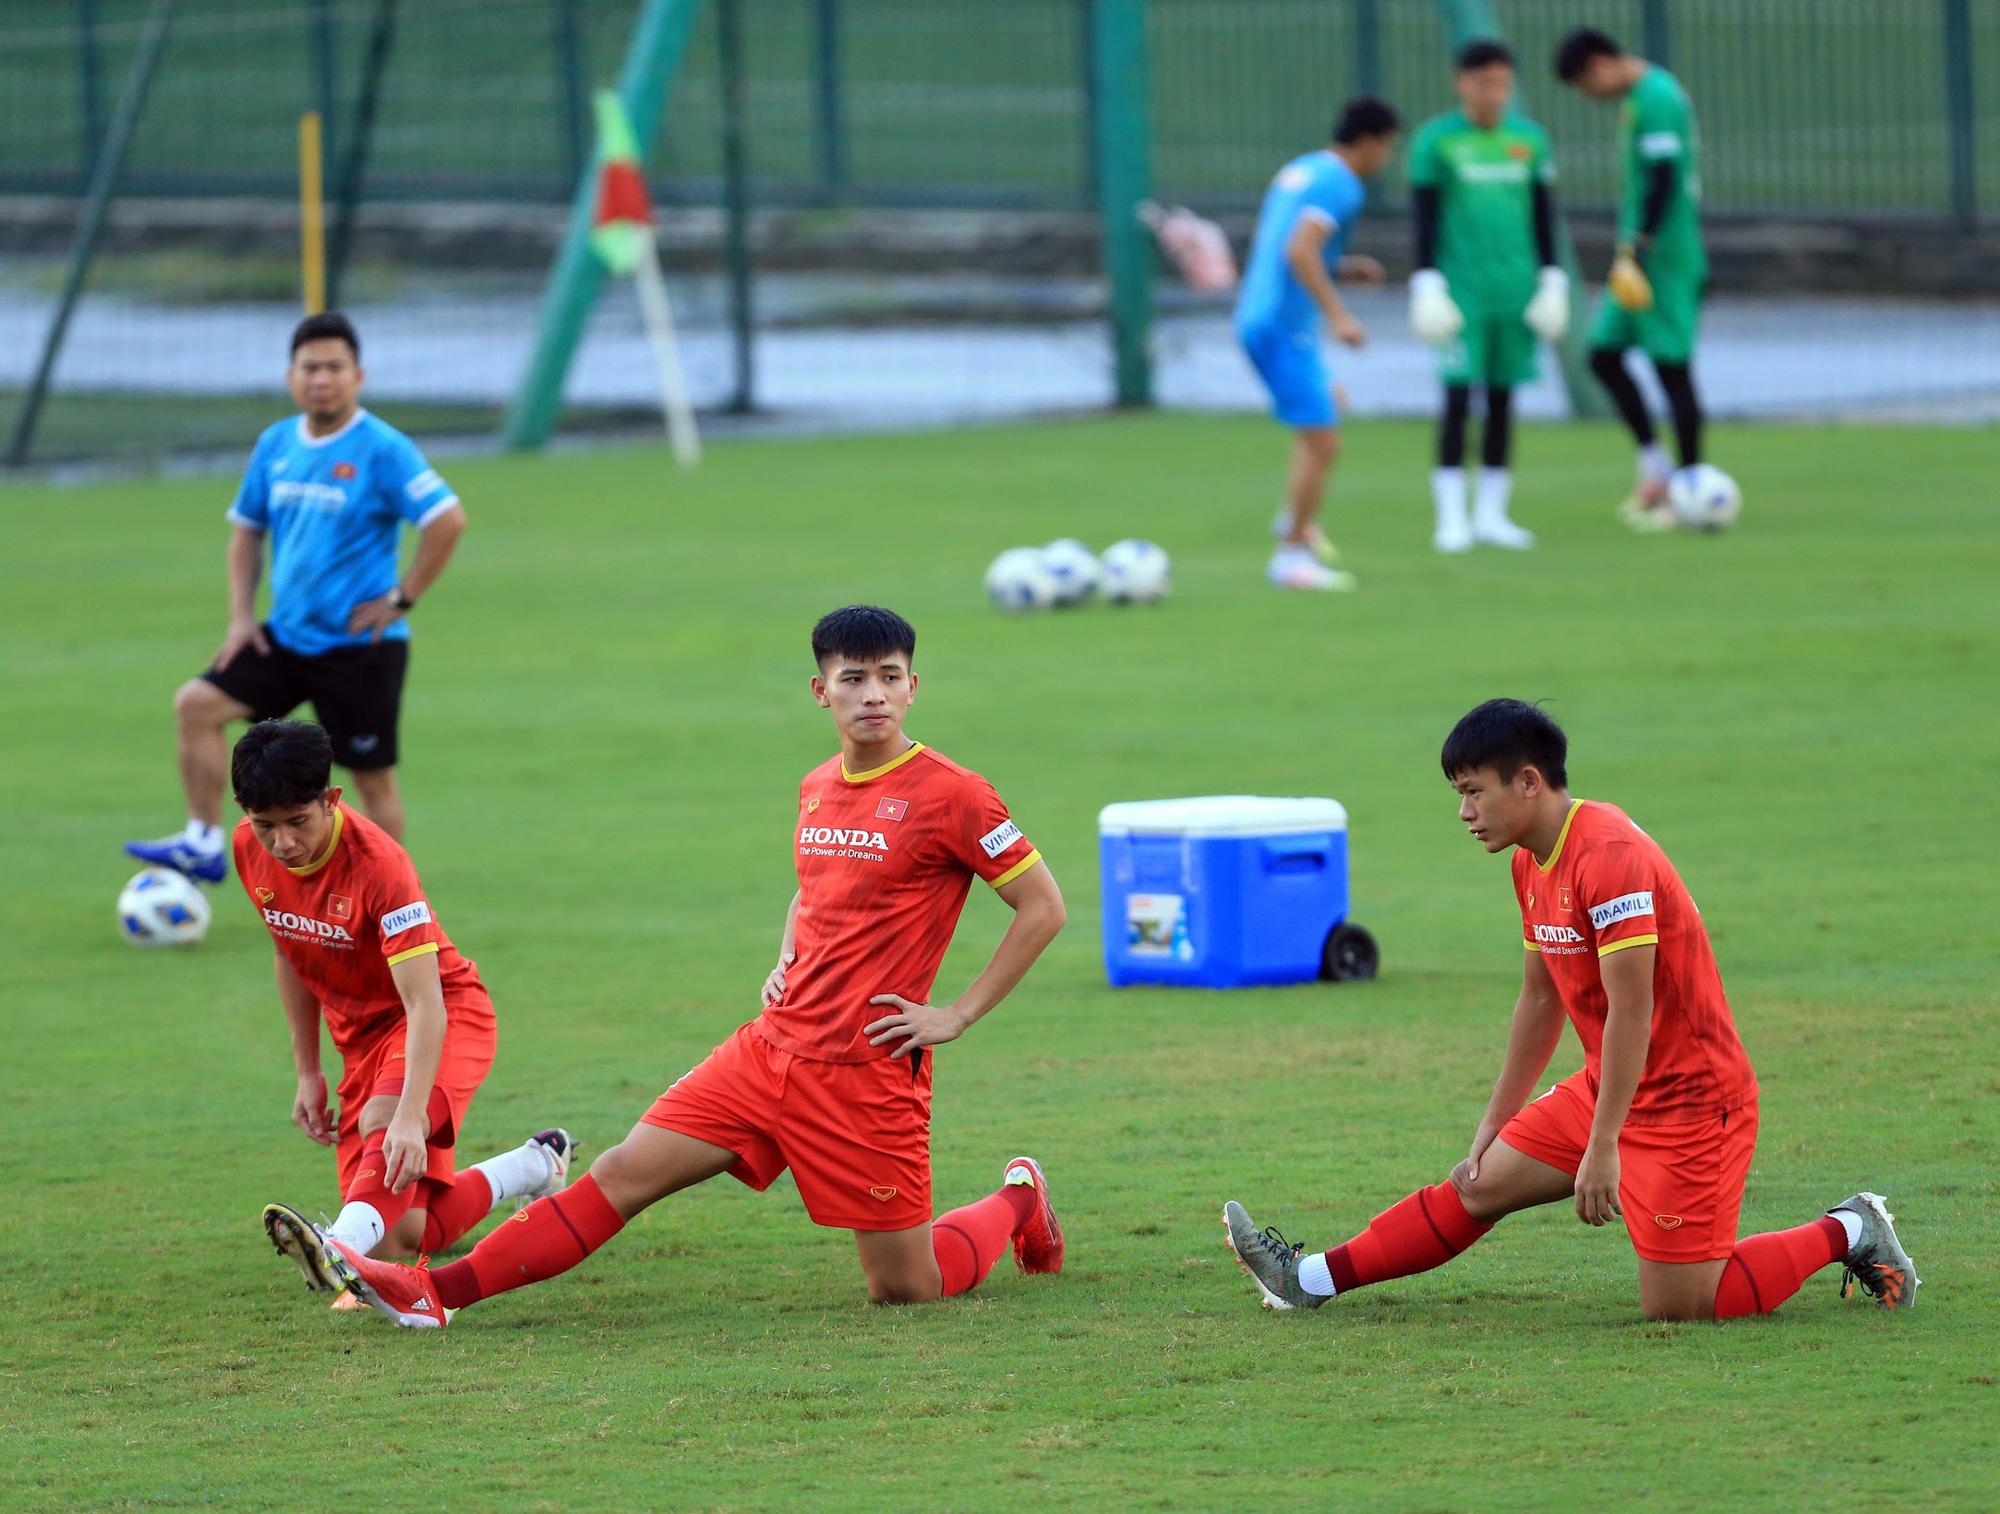 Tuấn Anh và đồng đội hào hứng khi trở thành thủ môn bất đắc dĩ cho tuyển Việt Nam - ảnh 11